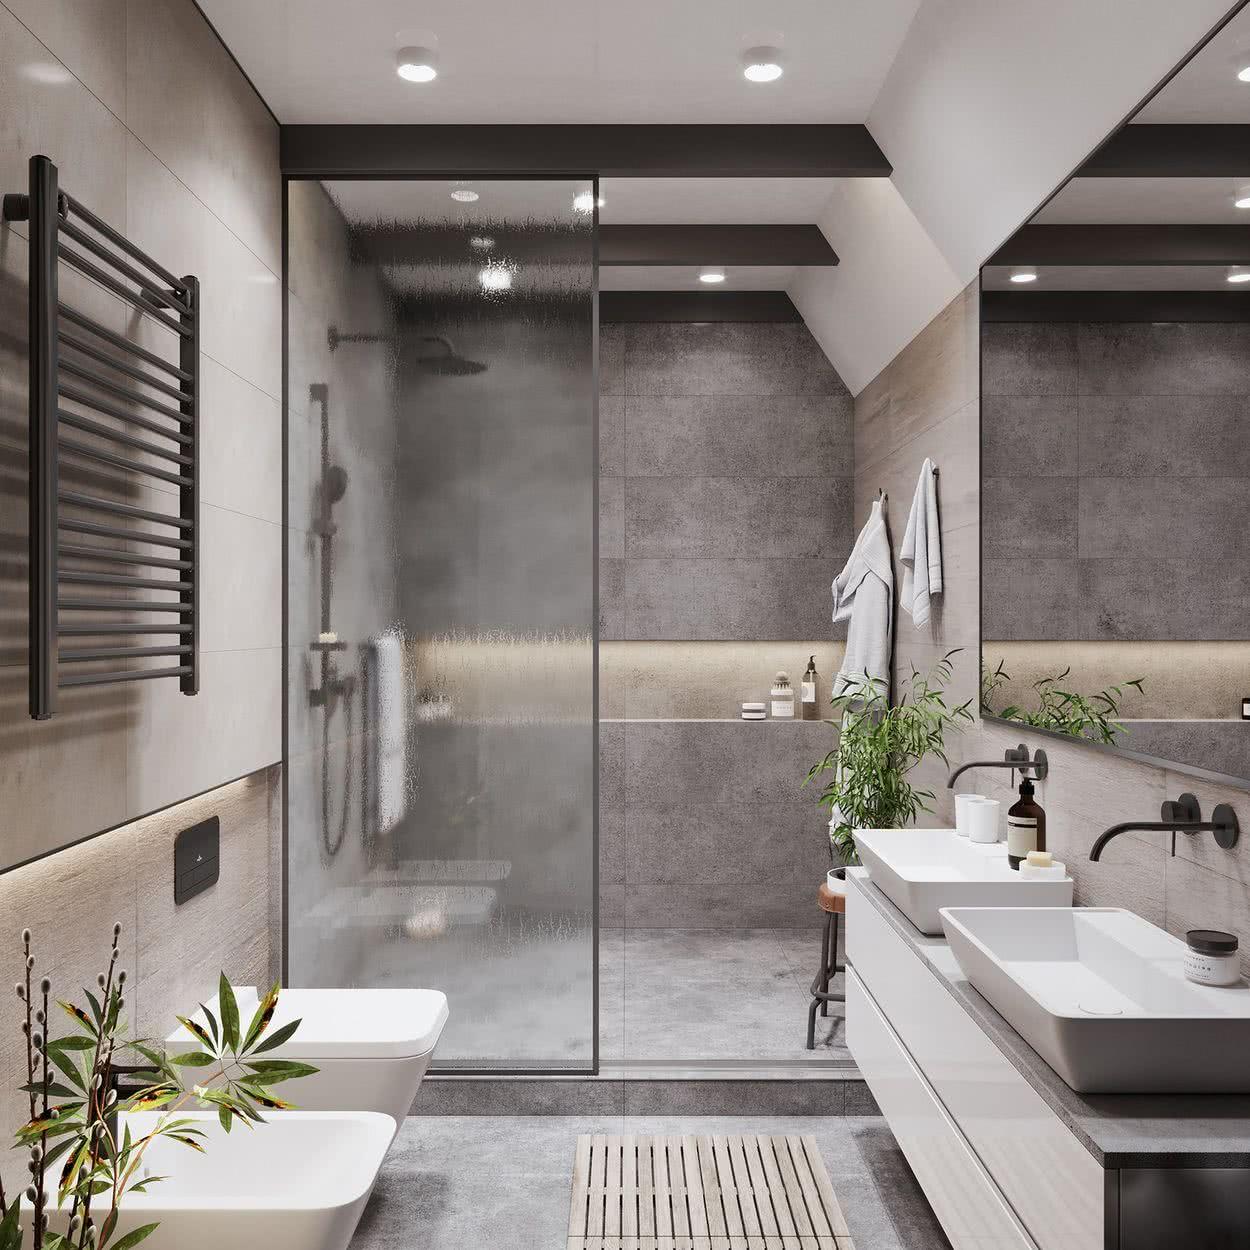 Ba os modernos 2020 2019 dise os modelos decoraci n for Modelos de cuartos de bano